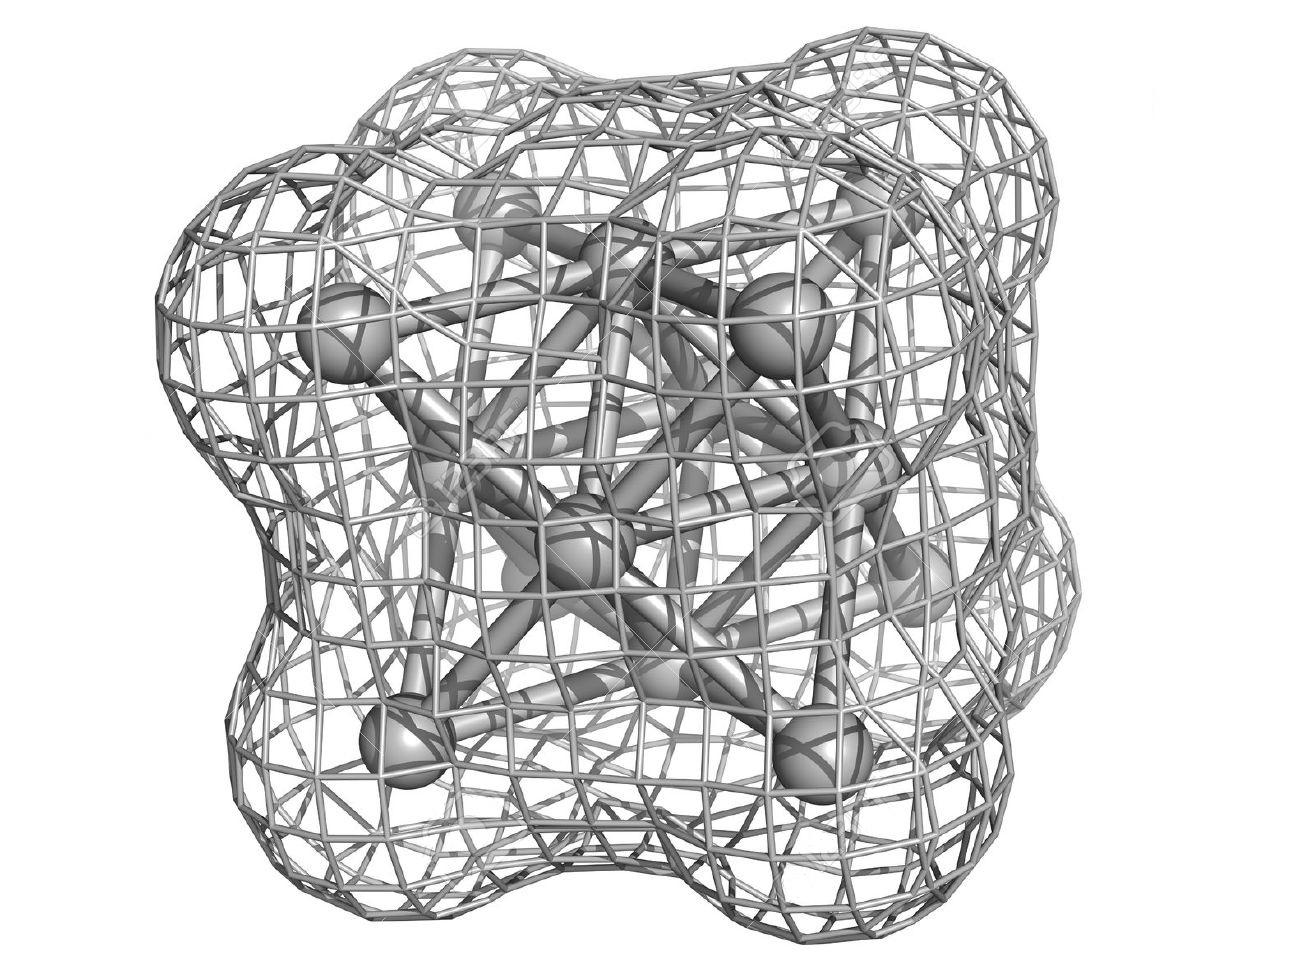 Кристаллическая структура серебра